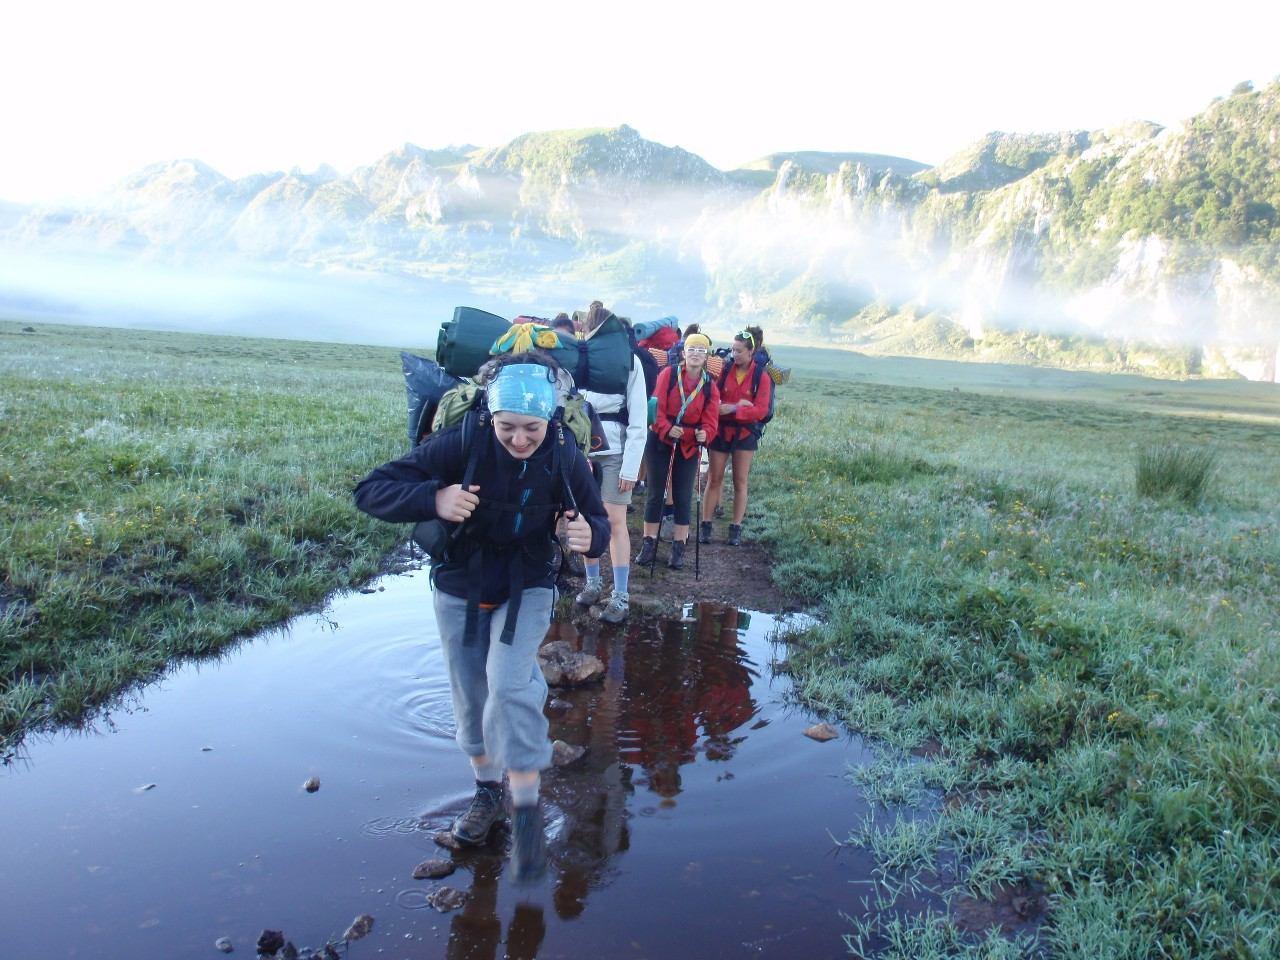 La natura és un context educatiu idoni per al guiatge i l'escoltisme. Foto: MEG